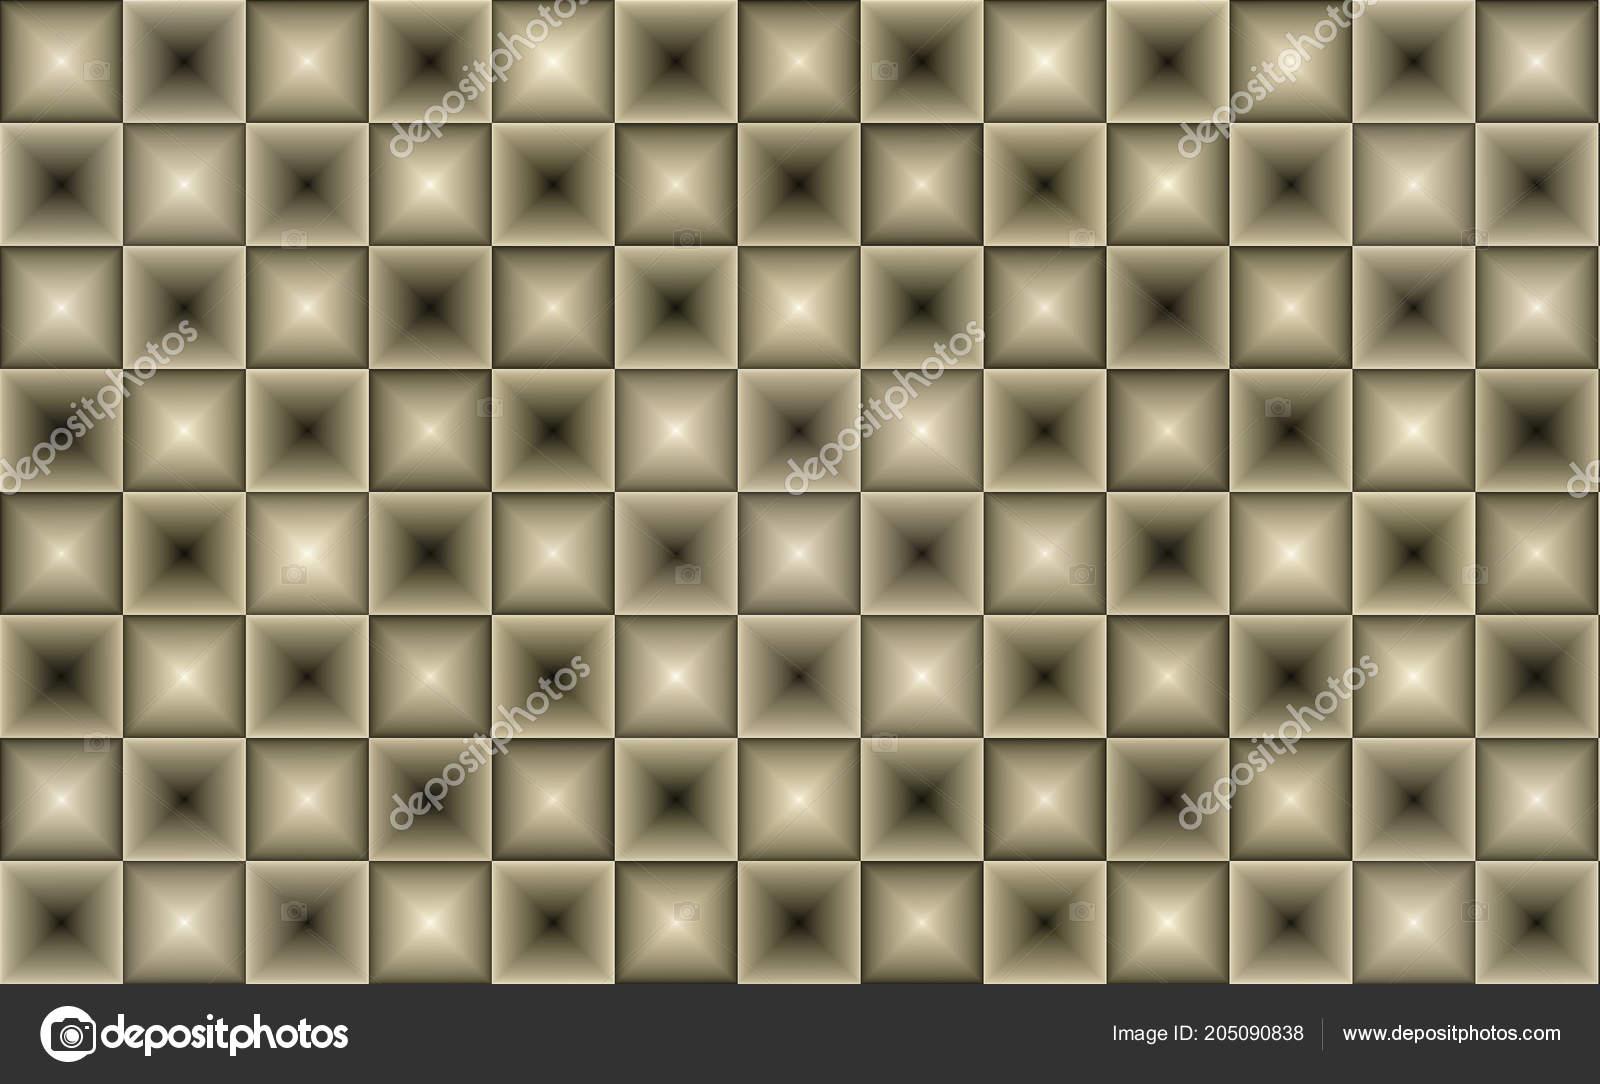 Sfondo Bianco Nero Con Motivo Quadri Foto Stock Zprecech 205090838